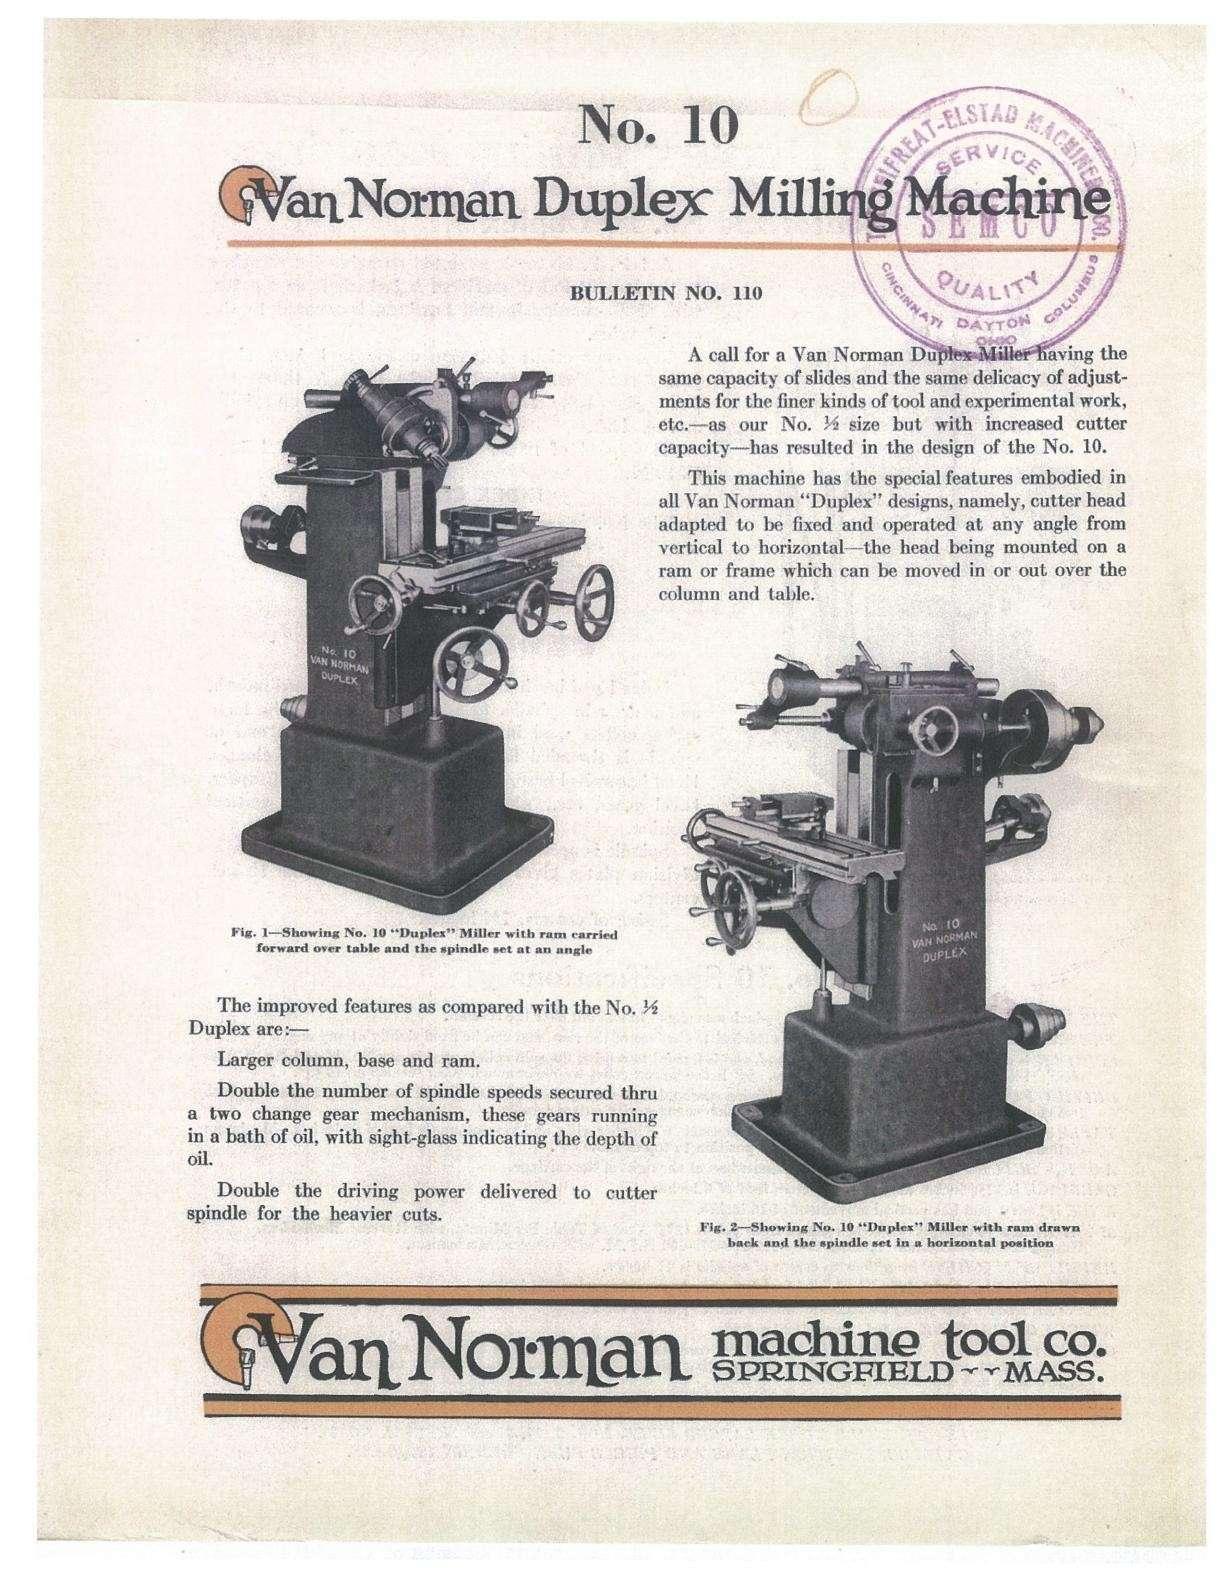 Van Norman N°10 Uw1410